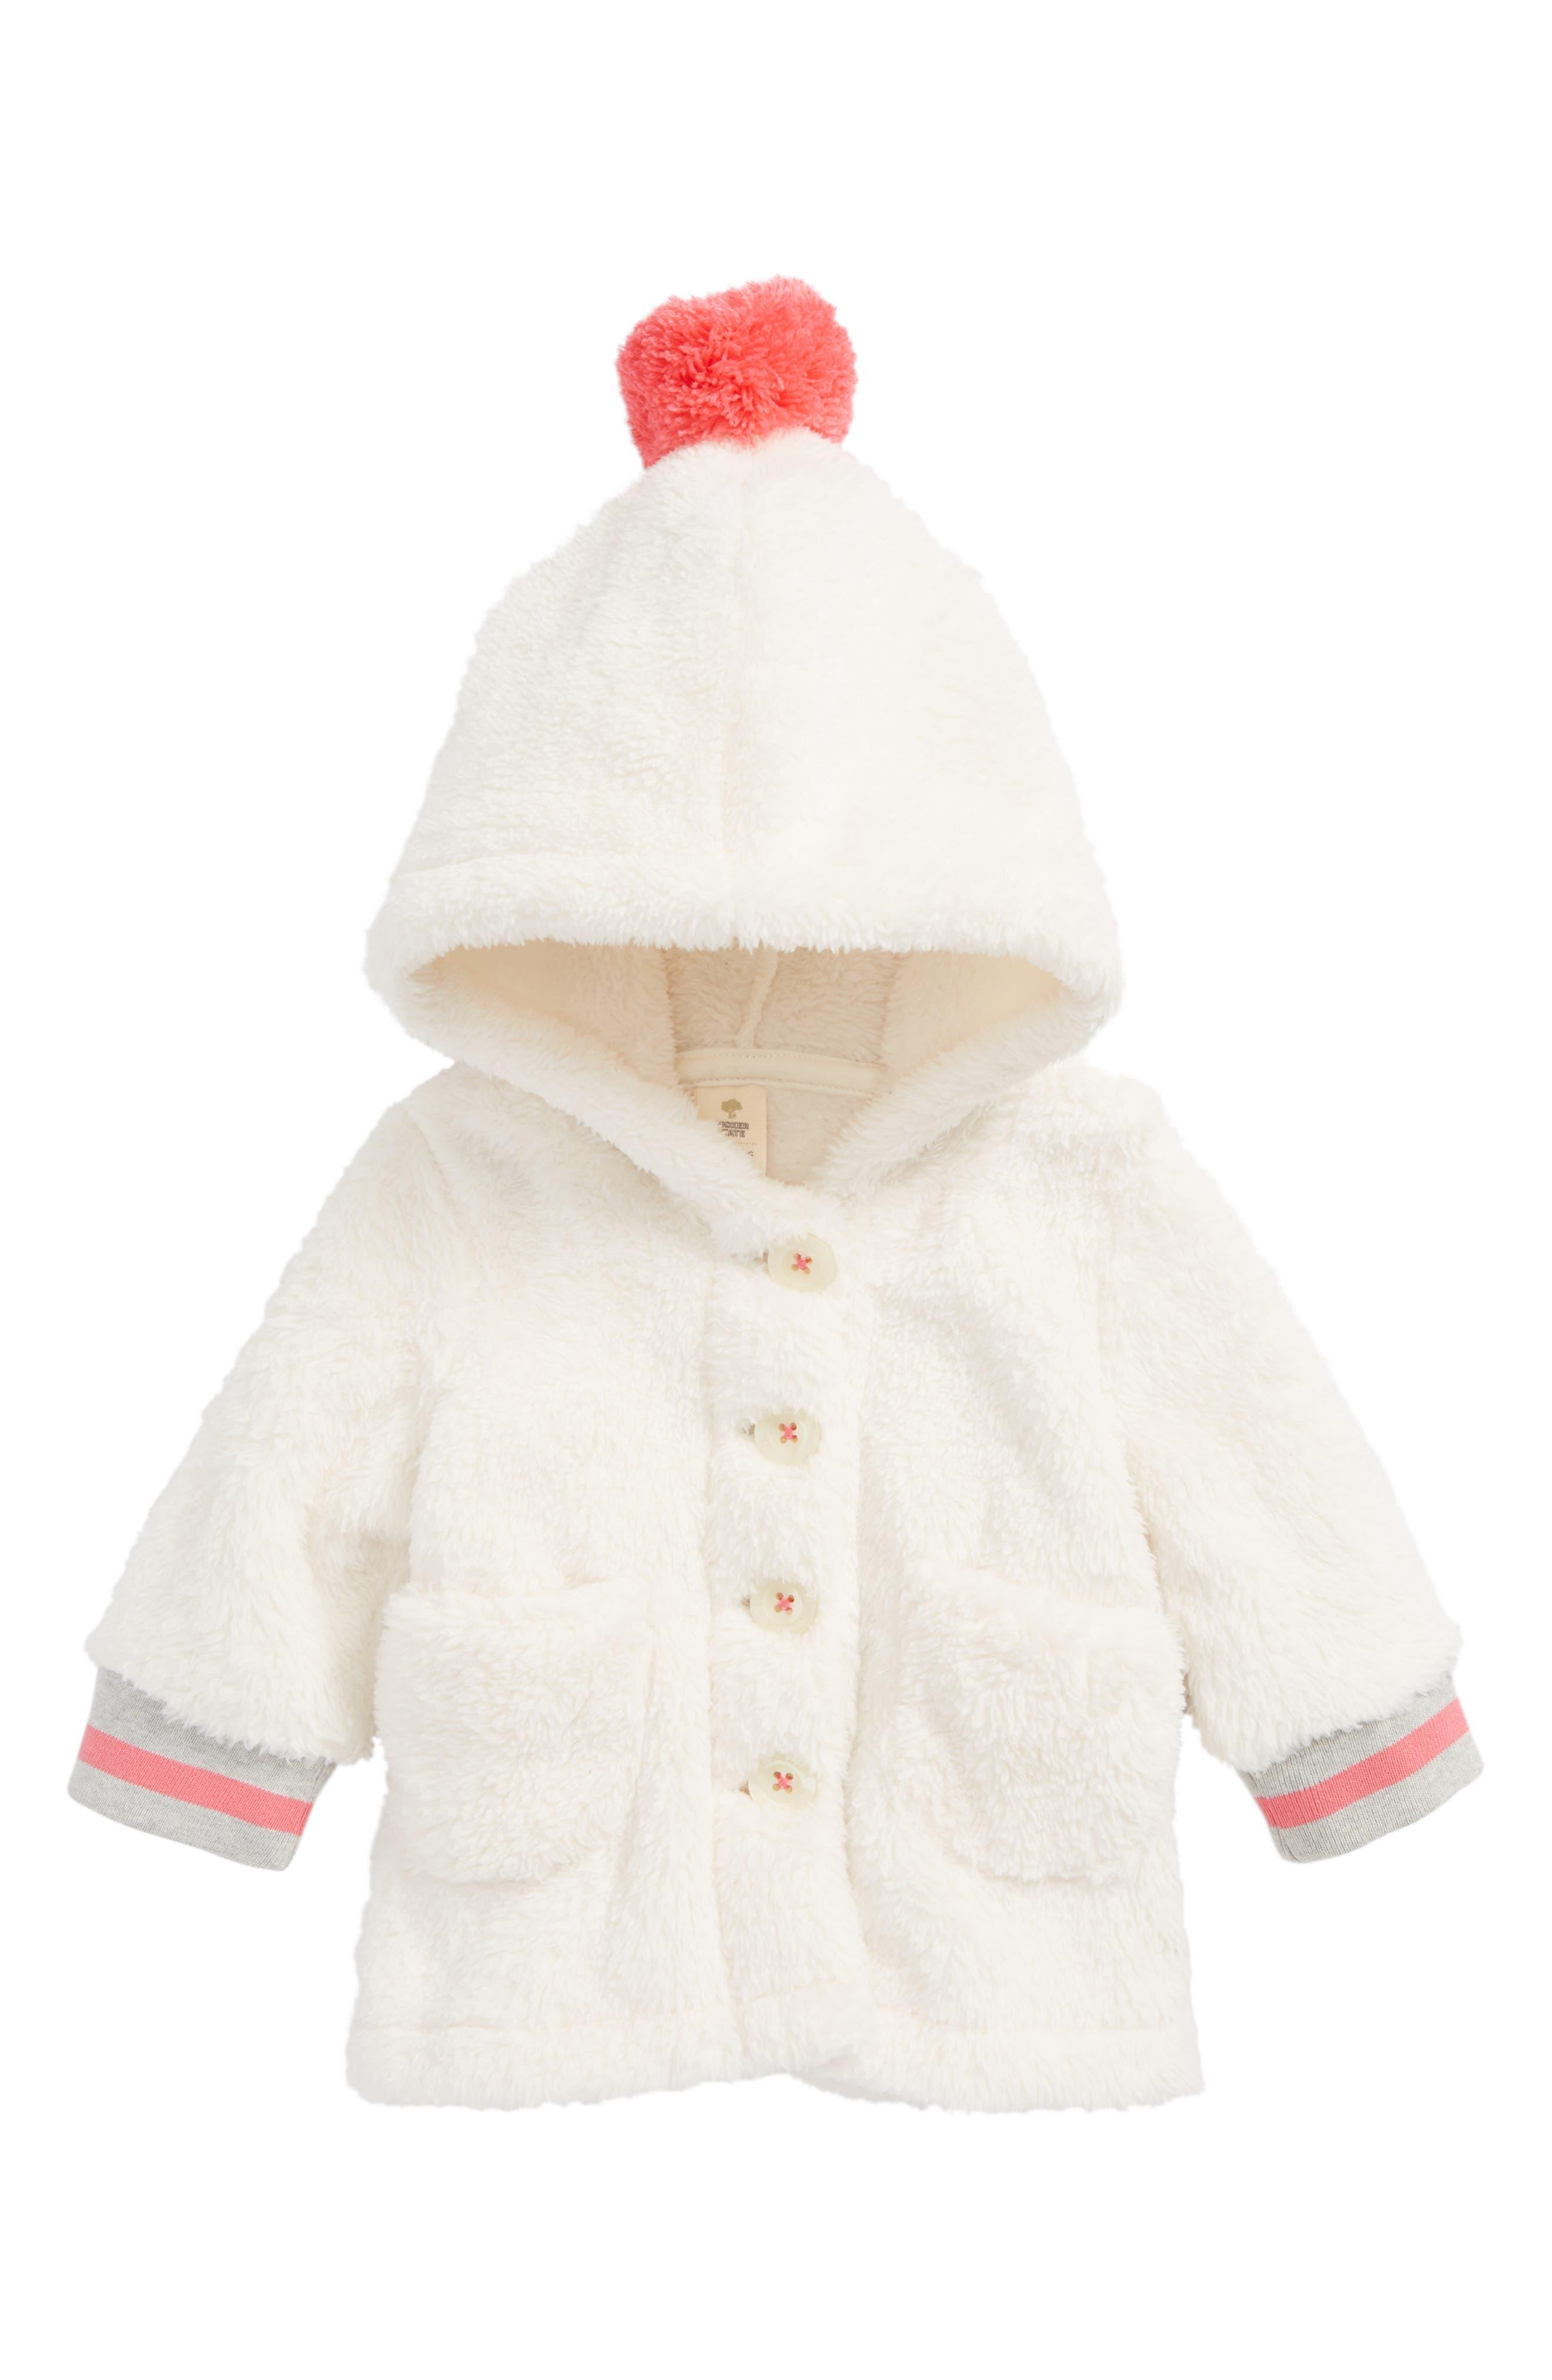 Cuddle Faux Fur Jacket,                             Main thumbnail 1, color,